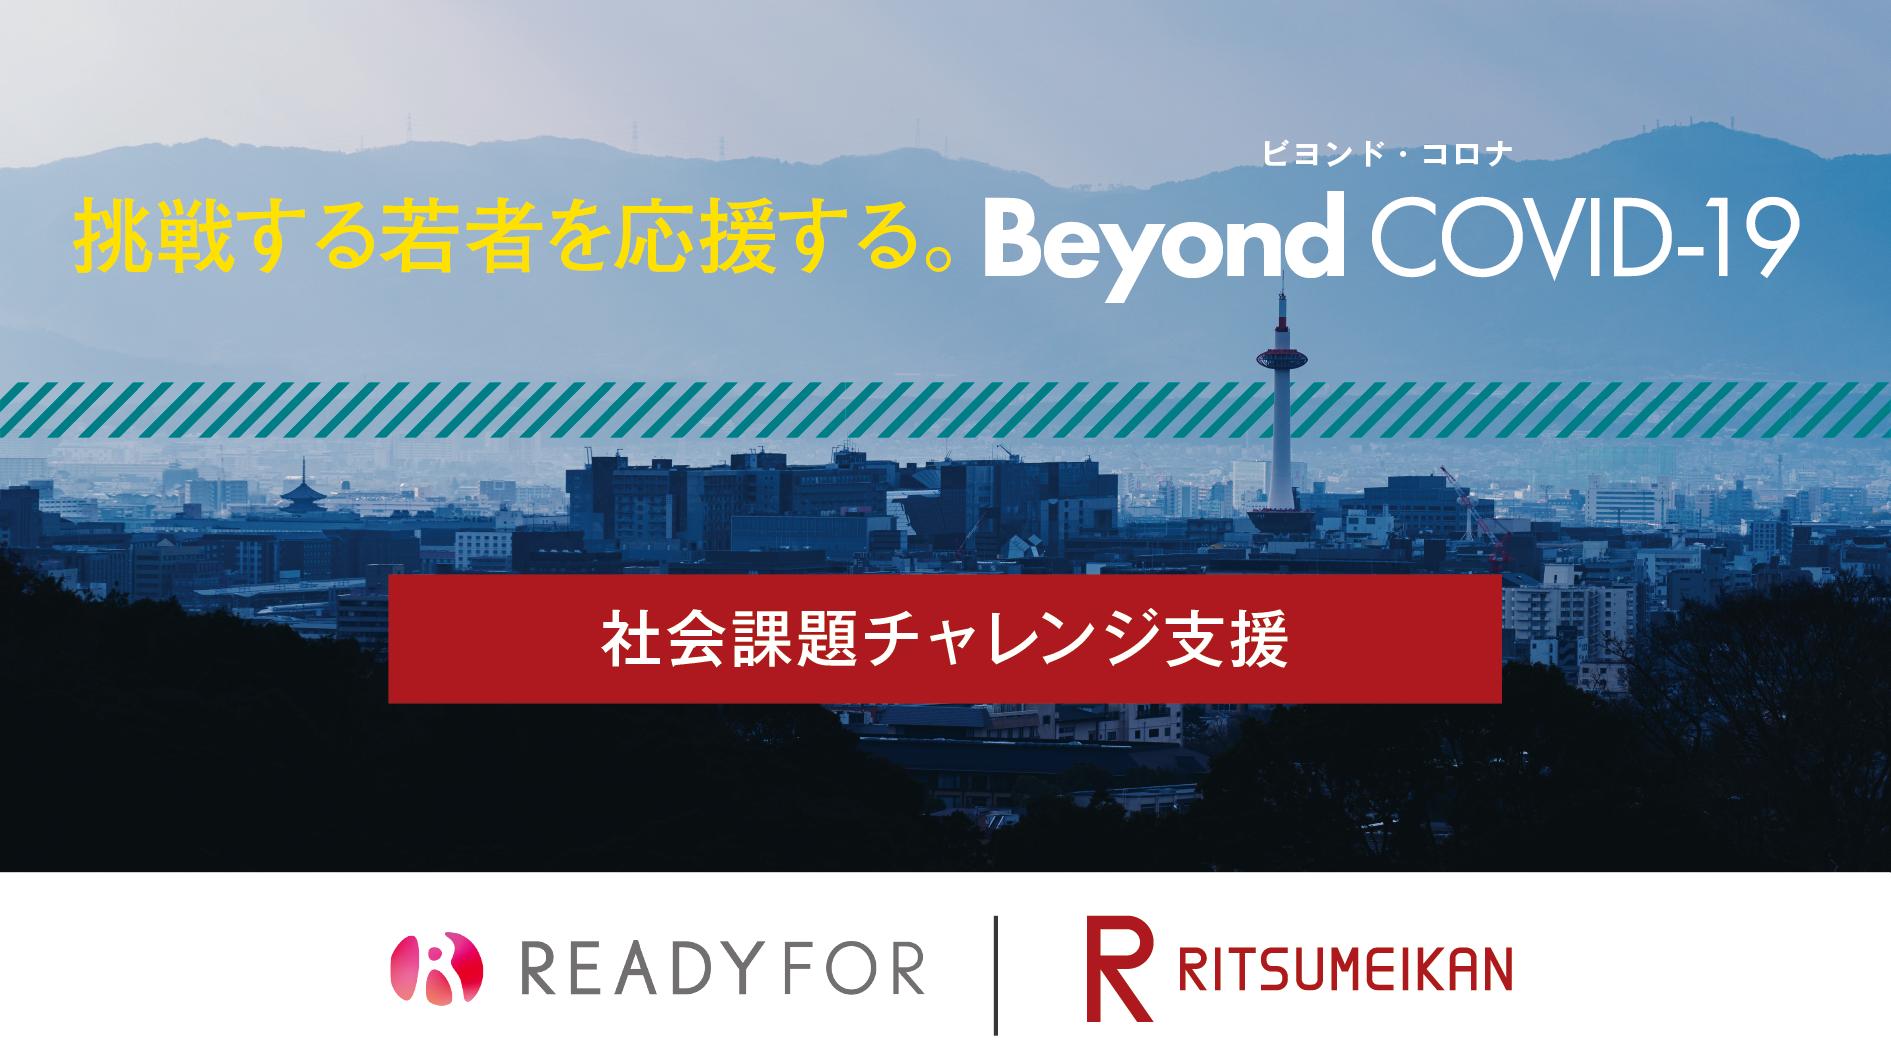 READYFOR × Ritsumeikan クラウドファンディングを開始しました